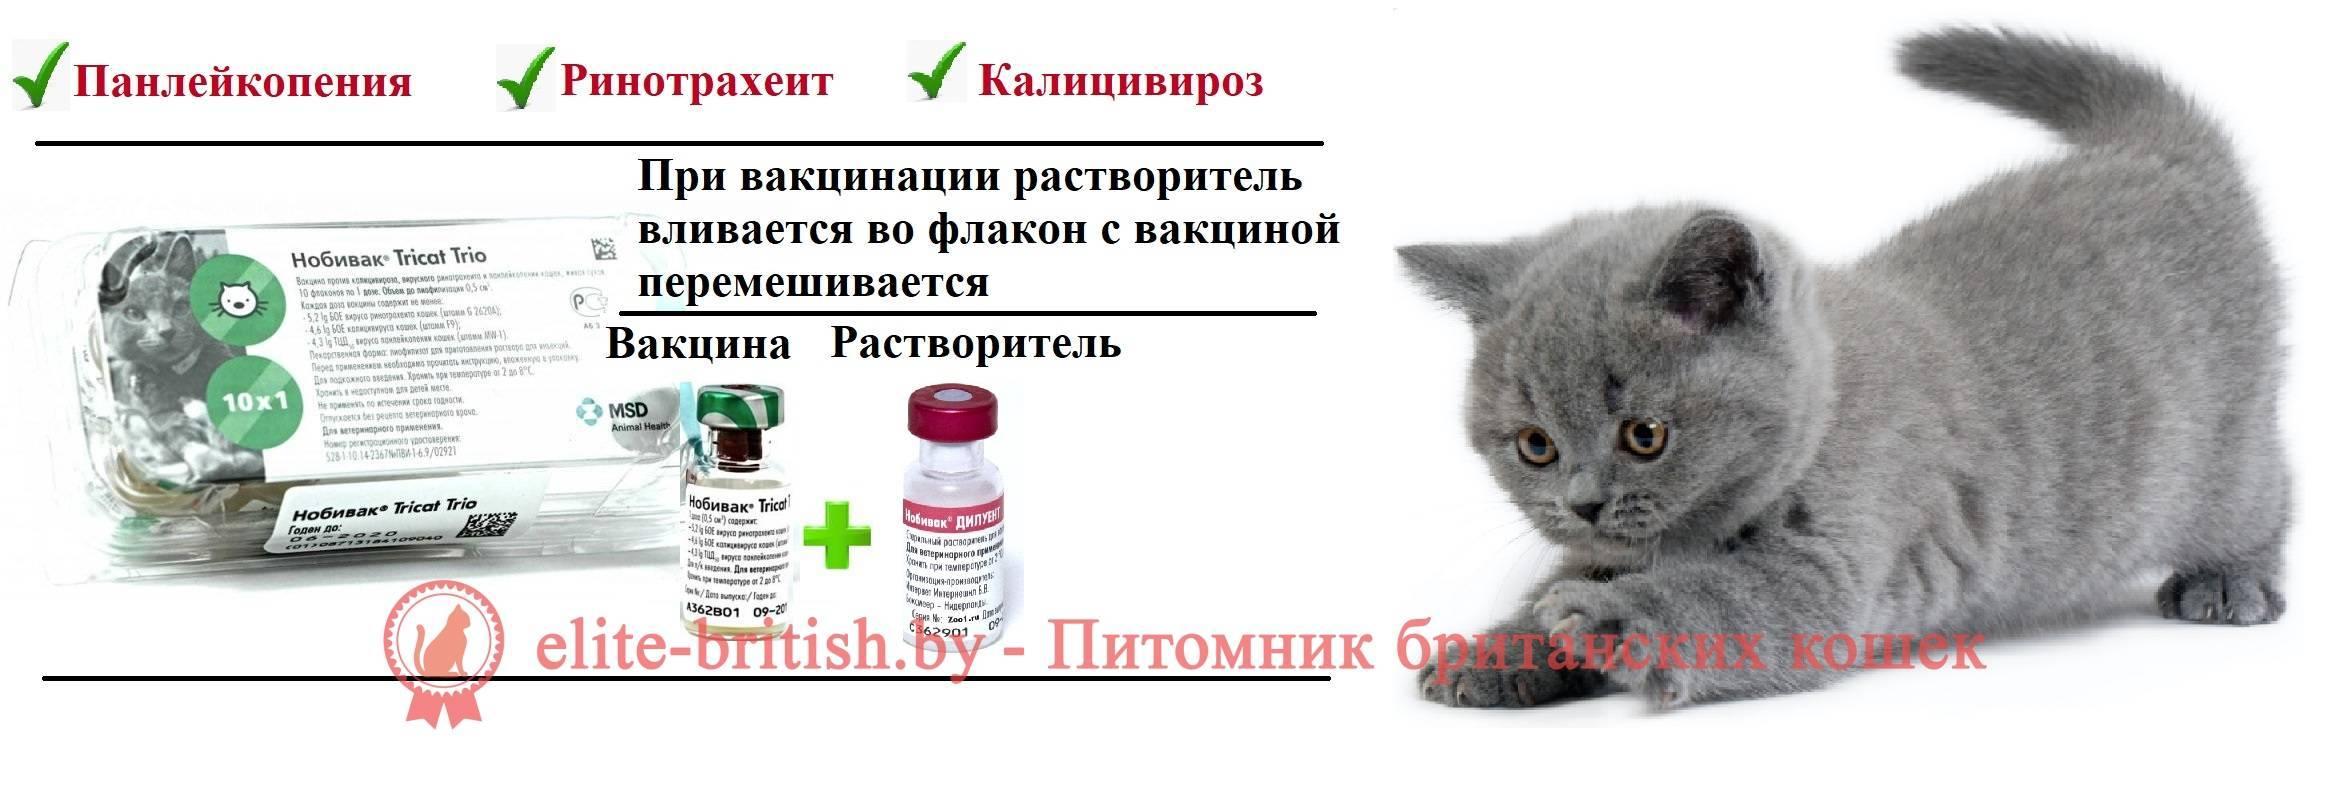 Какие прививки нужно делать котятам?